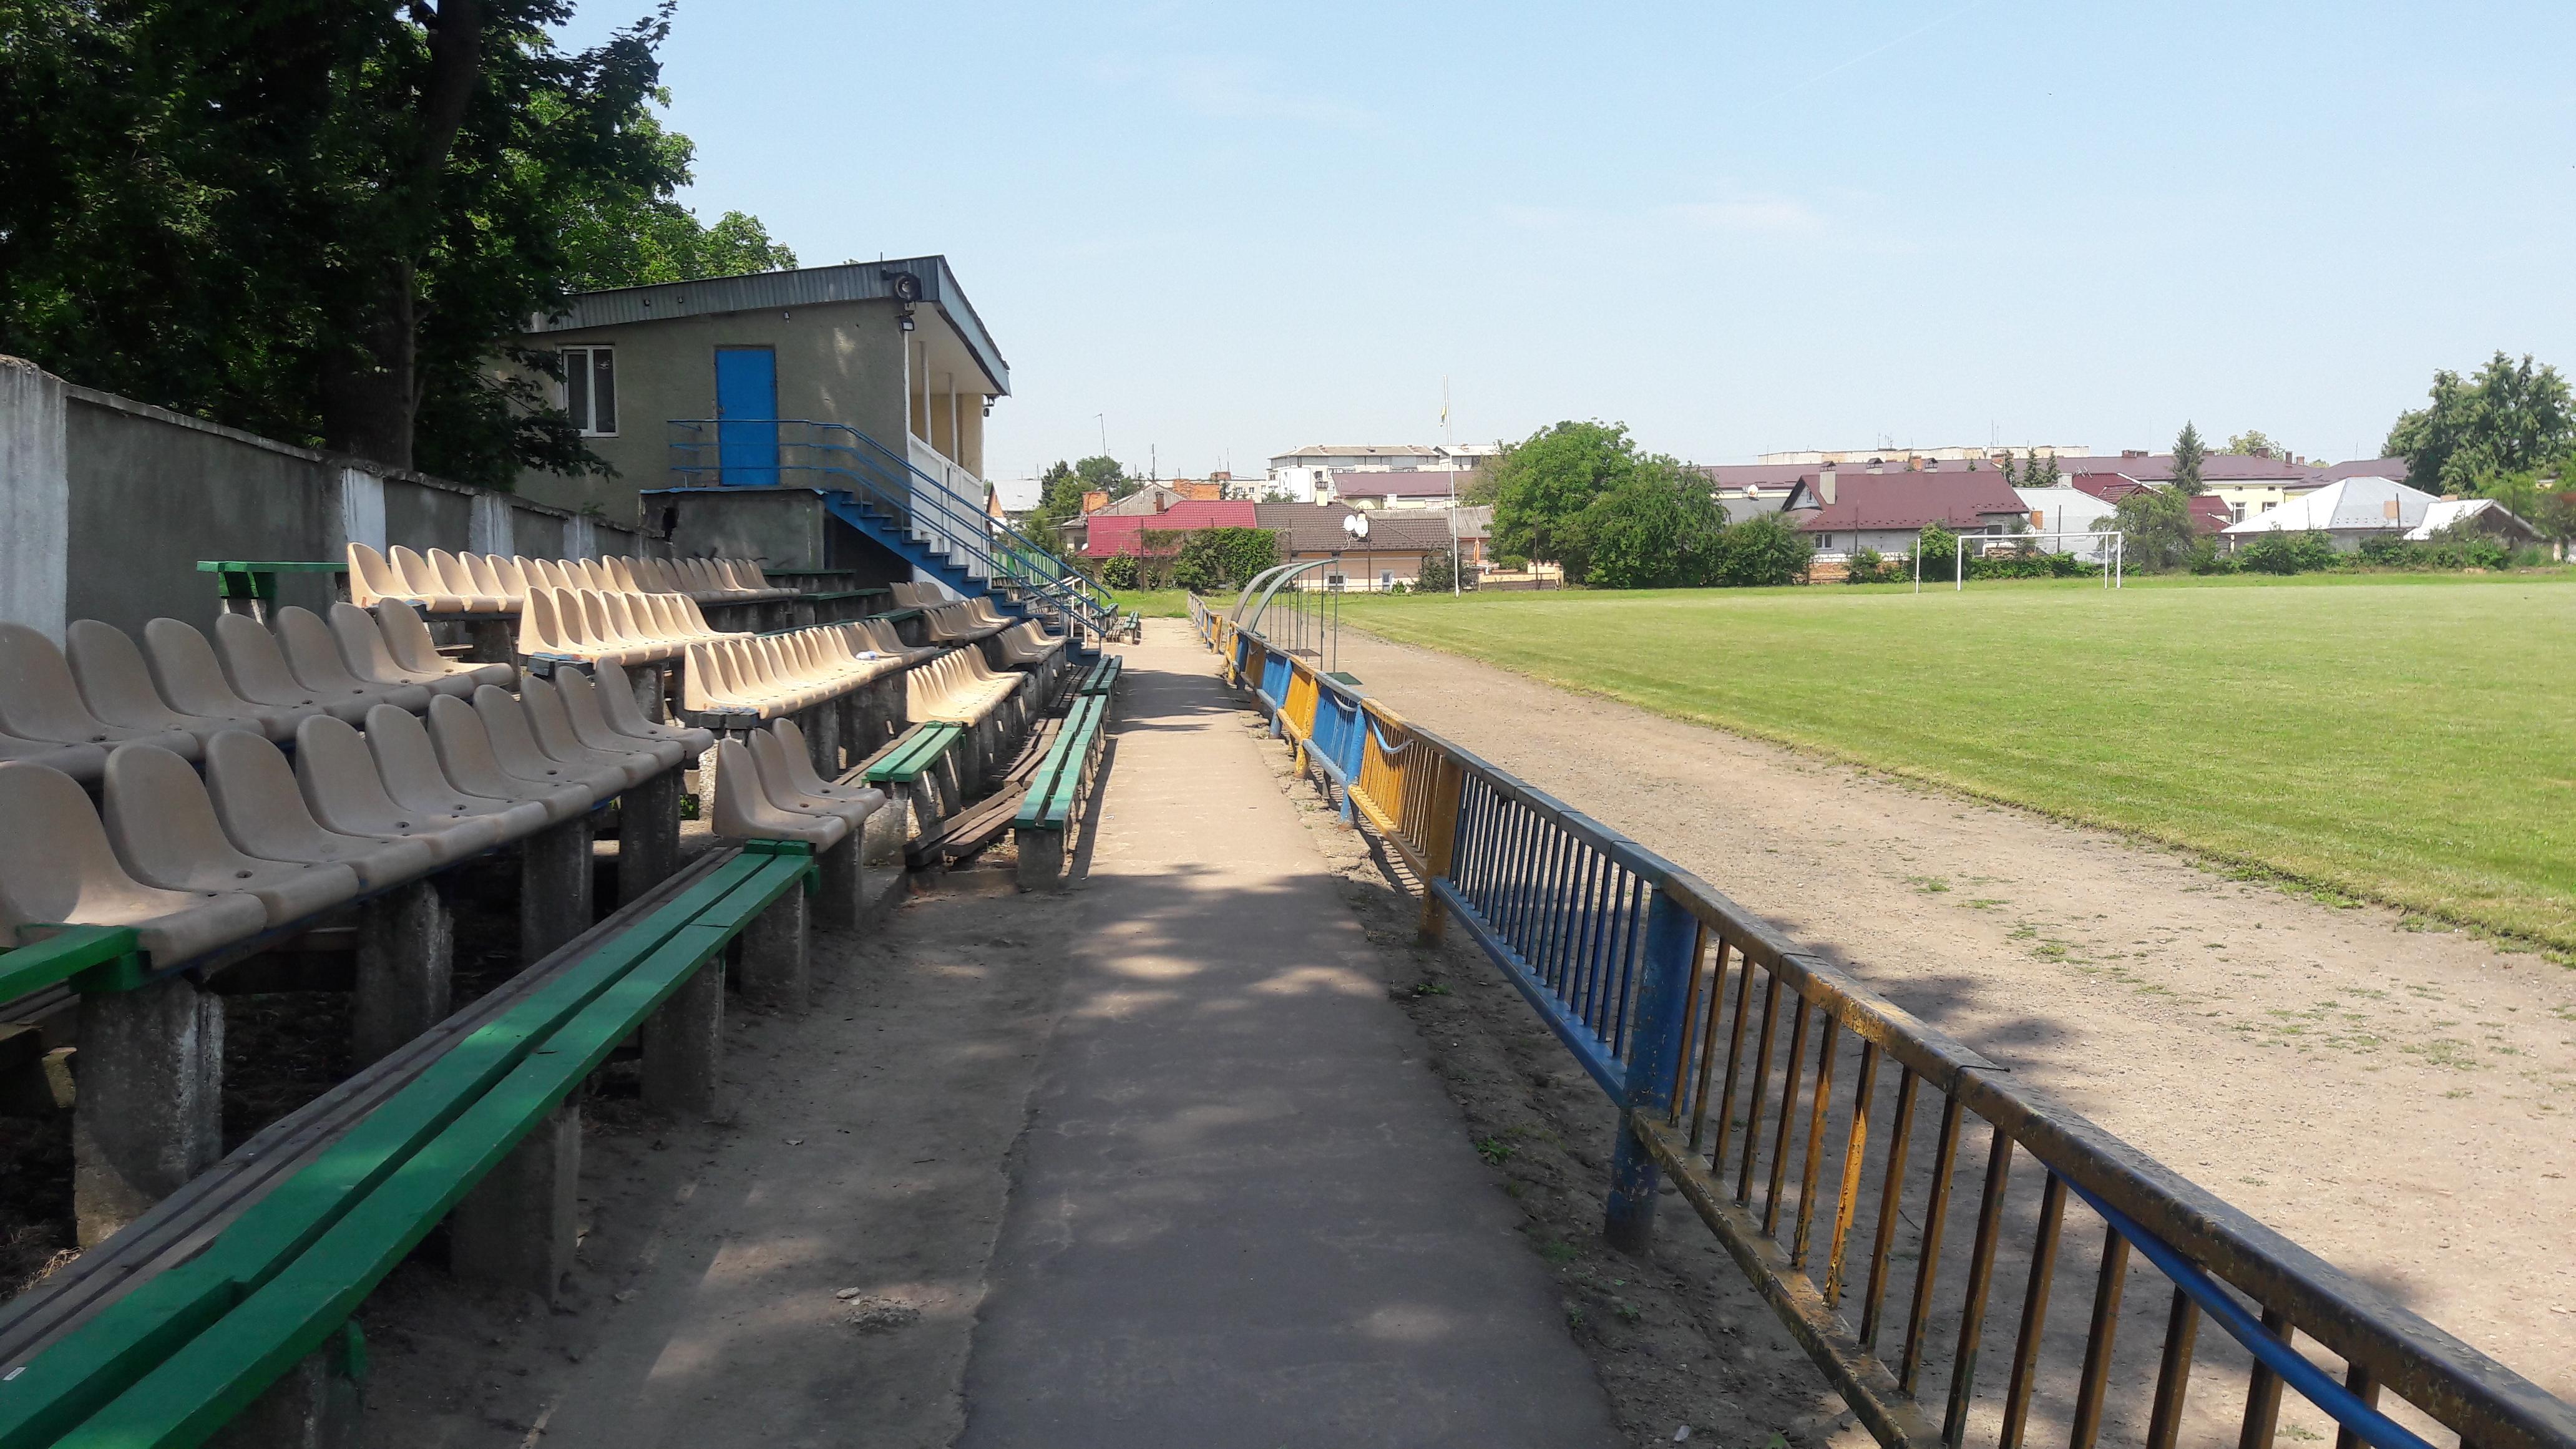 Провінційні стадіони України: Дерев'яно-пластикова арена у Самборі - фото 13